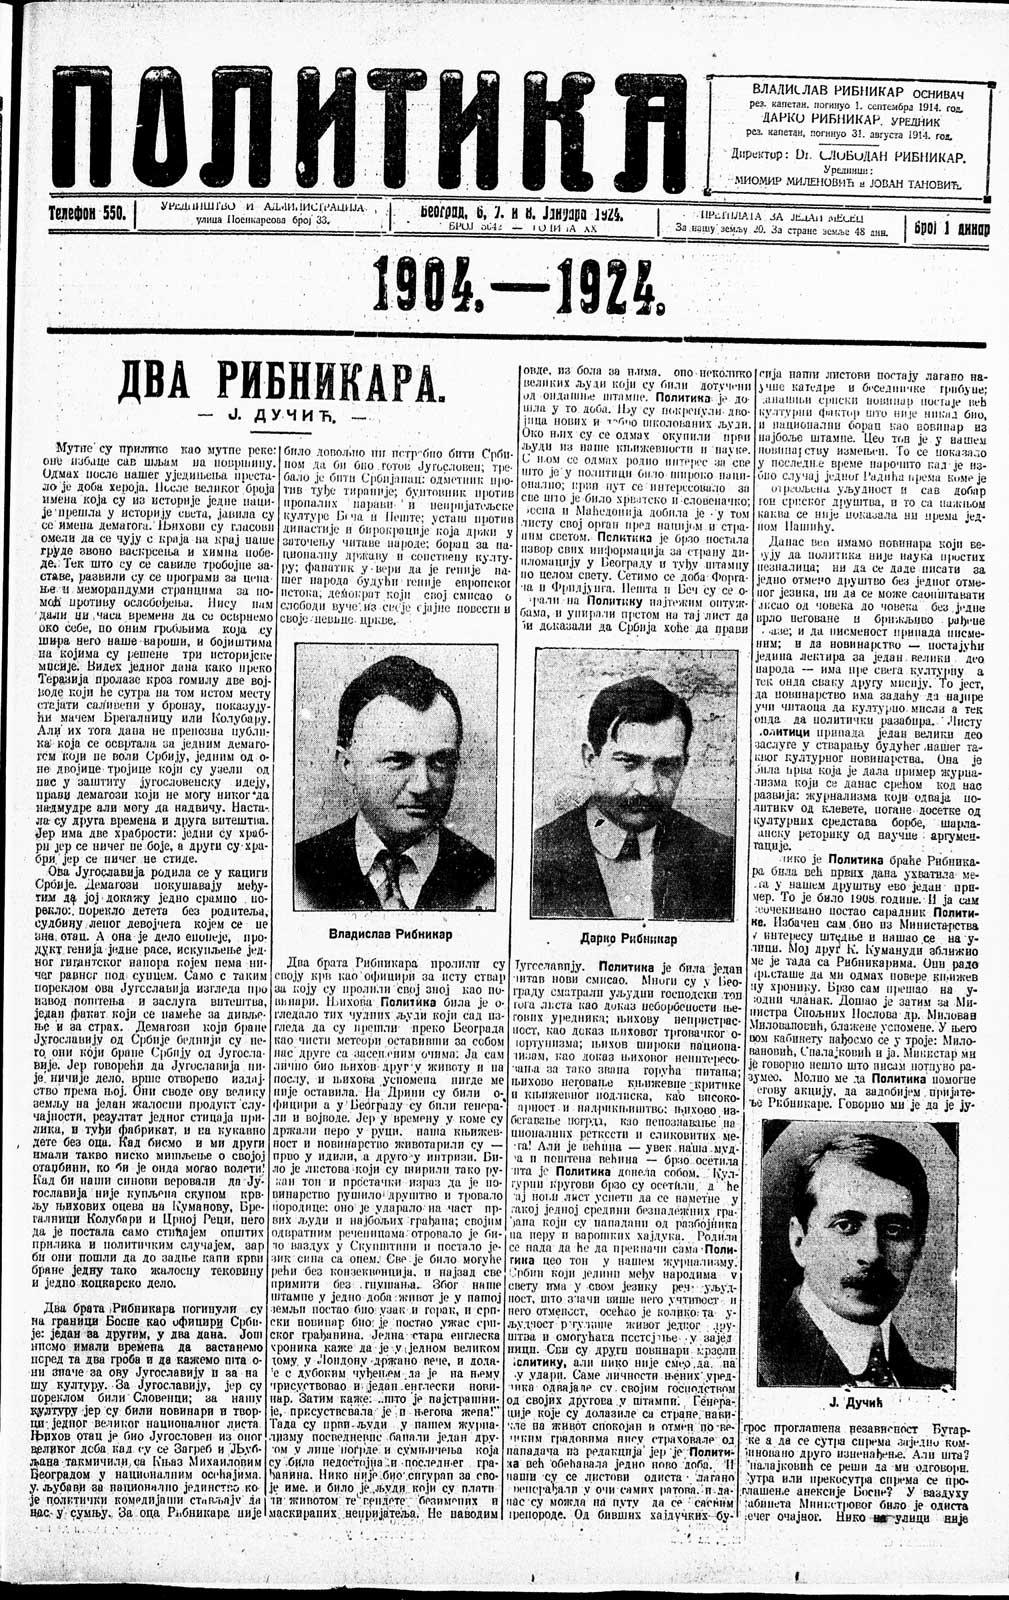 Dučić u Politici 1924